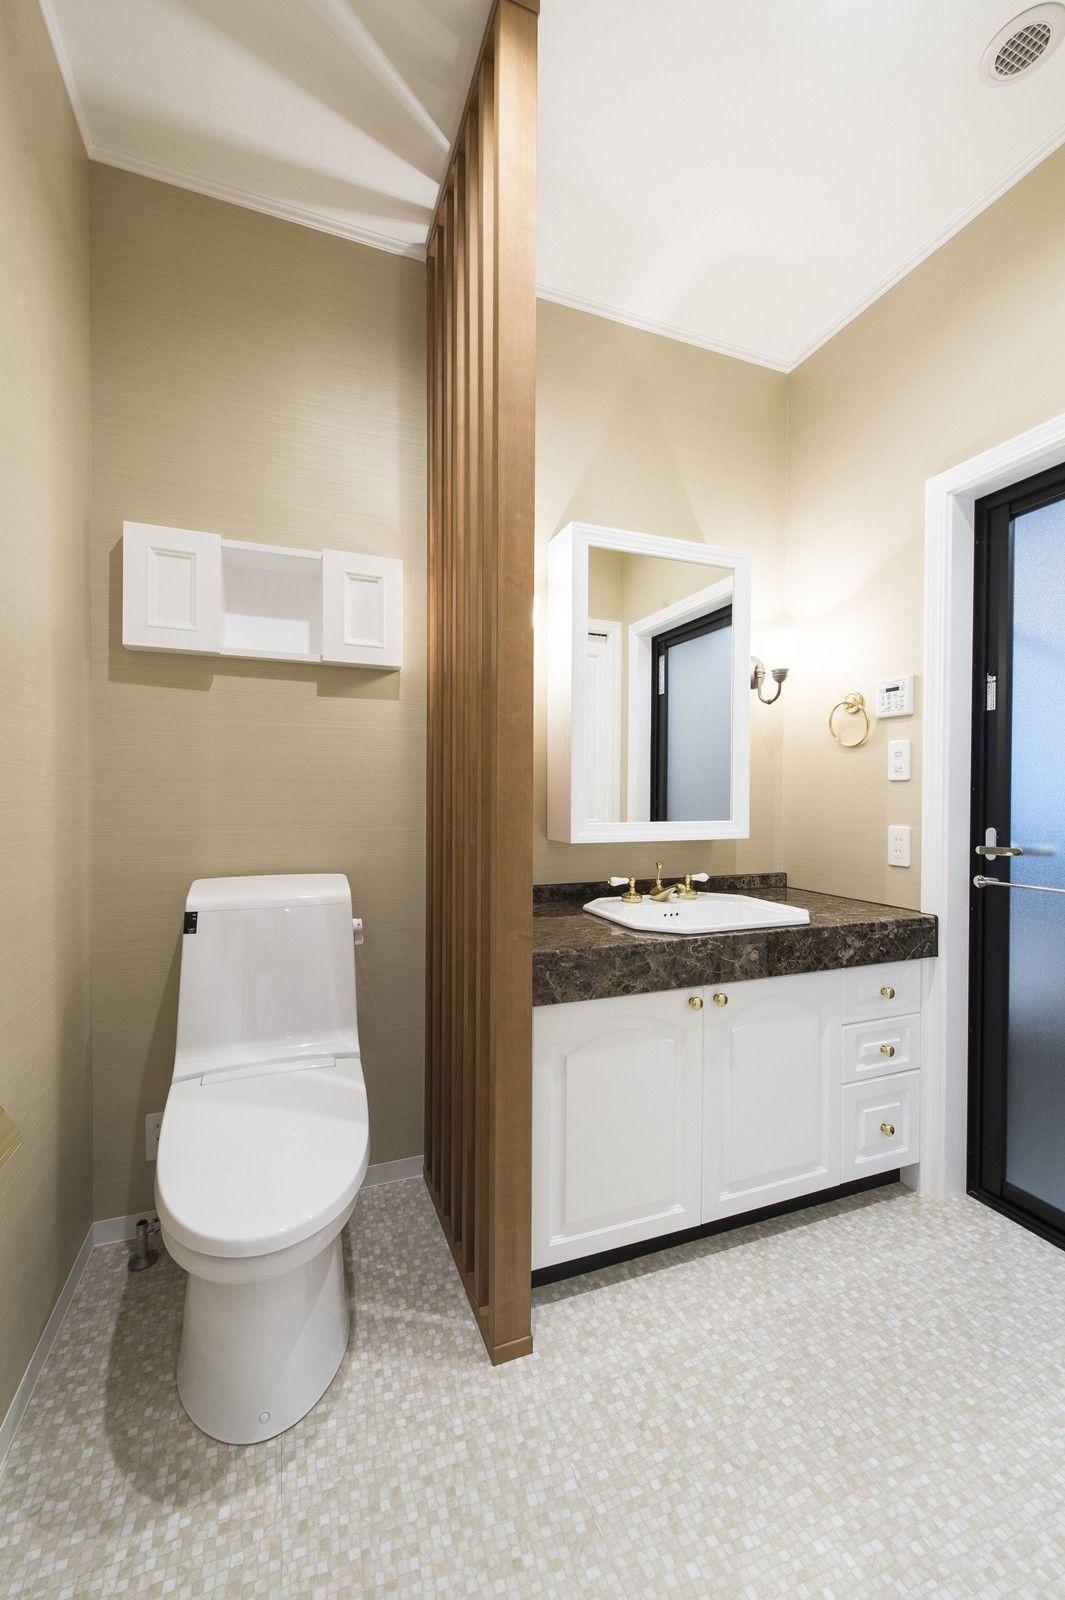 施工事例 リノベーション トイレ 洗面化粧室 輸入住宅 輸入